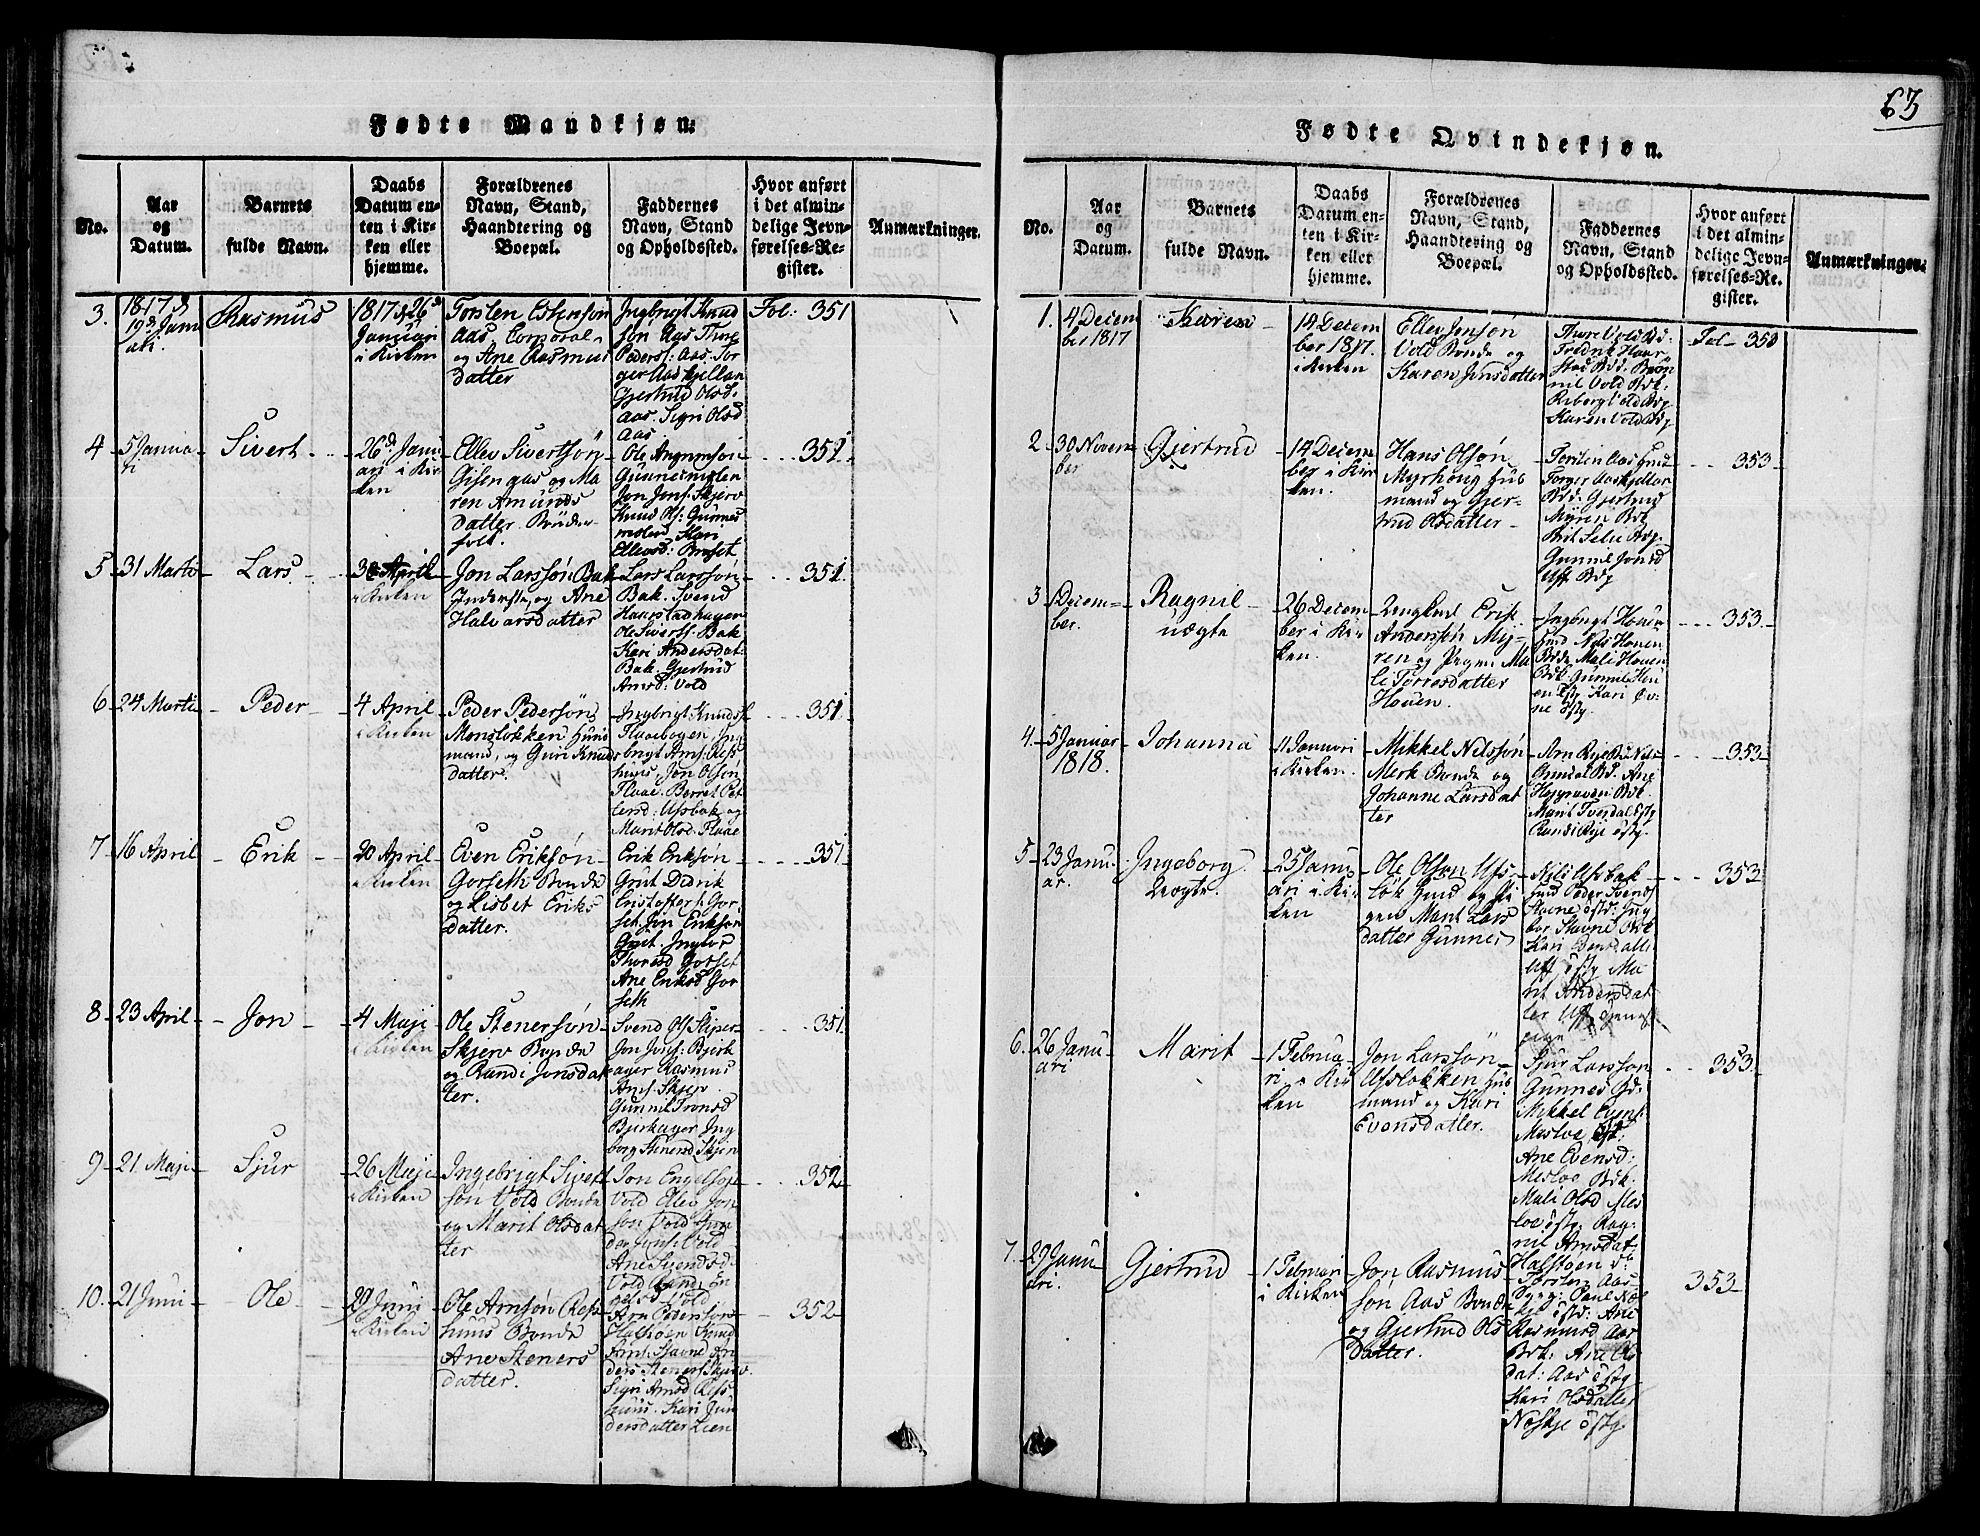 SAT, Ministerialprotokoller, klokkerbøker og fødselsregistre - Sør-Trøndelag, 672/L0854: Ministerialbok nr. 672A06 /2, 1816-1829, s. 63